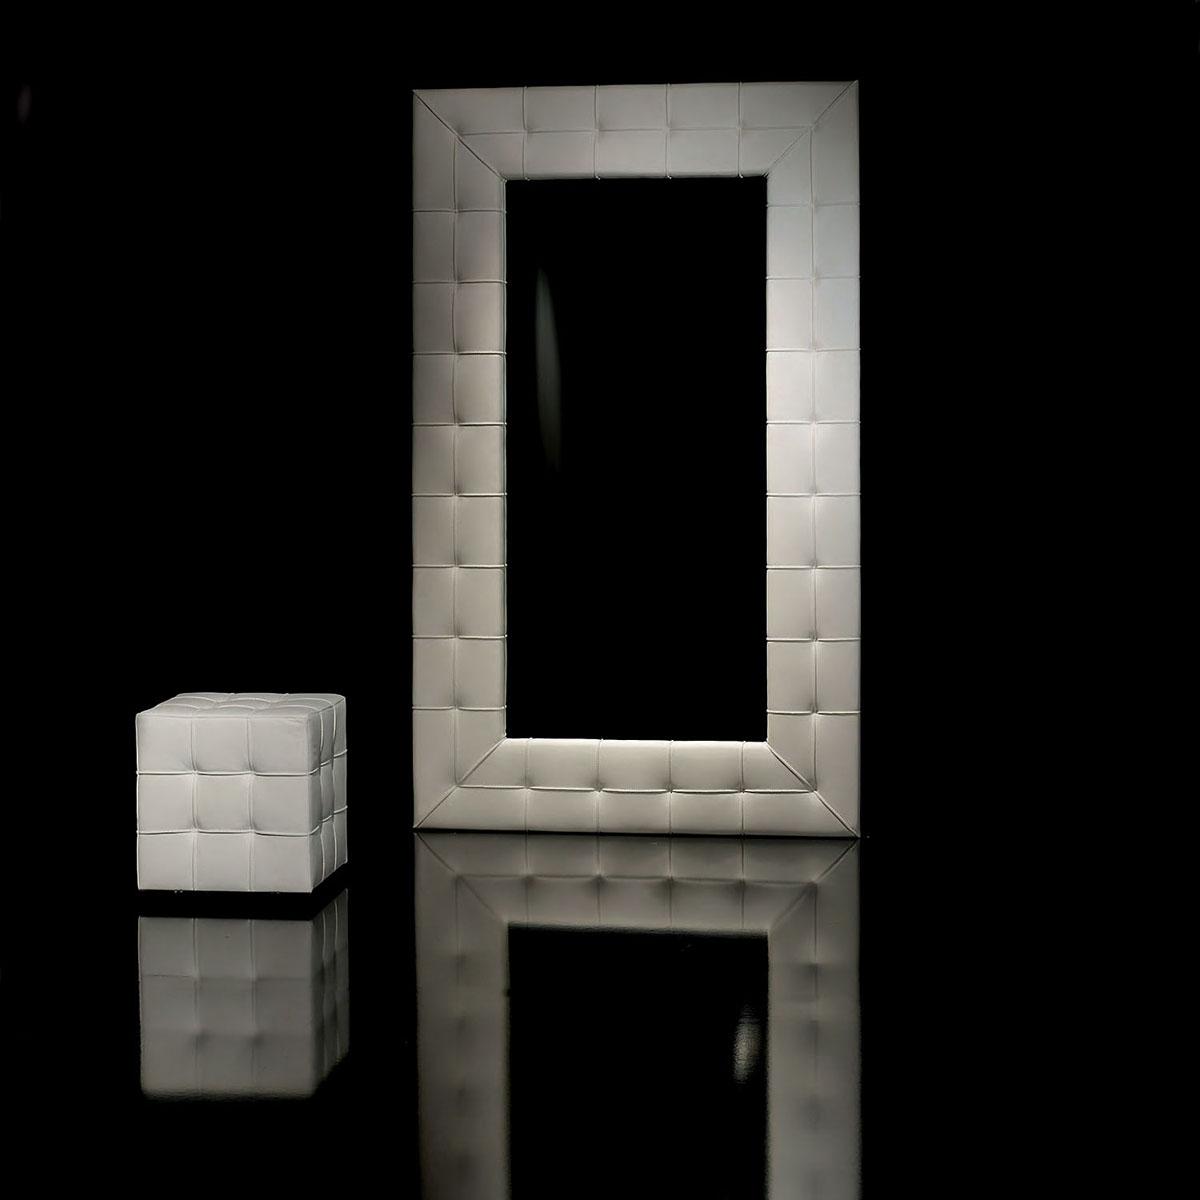 Espejos para recibidor dise o y exclusividad - Espejos de recibidor ...